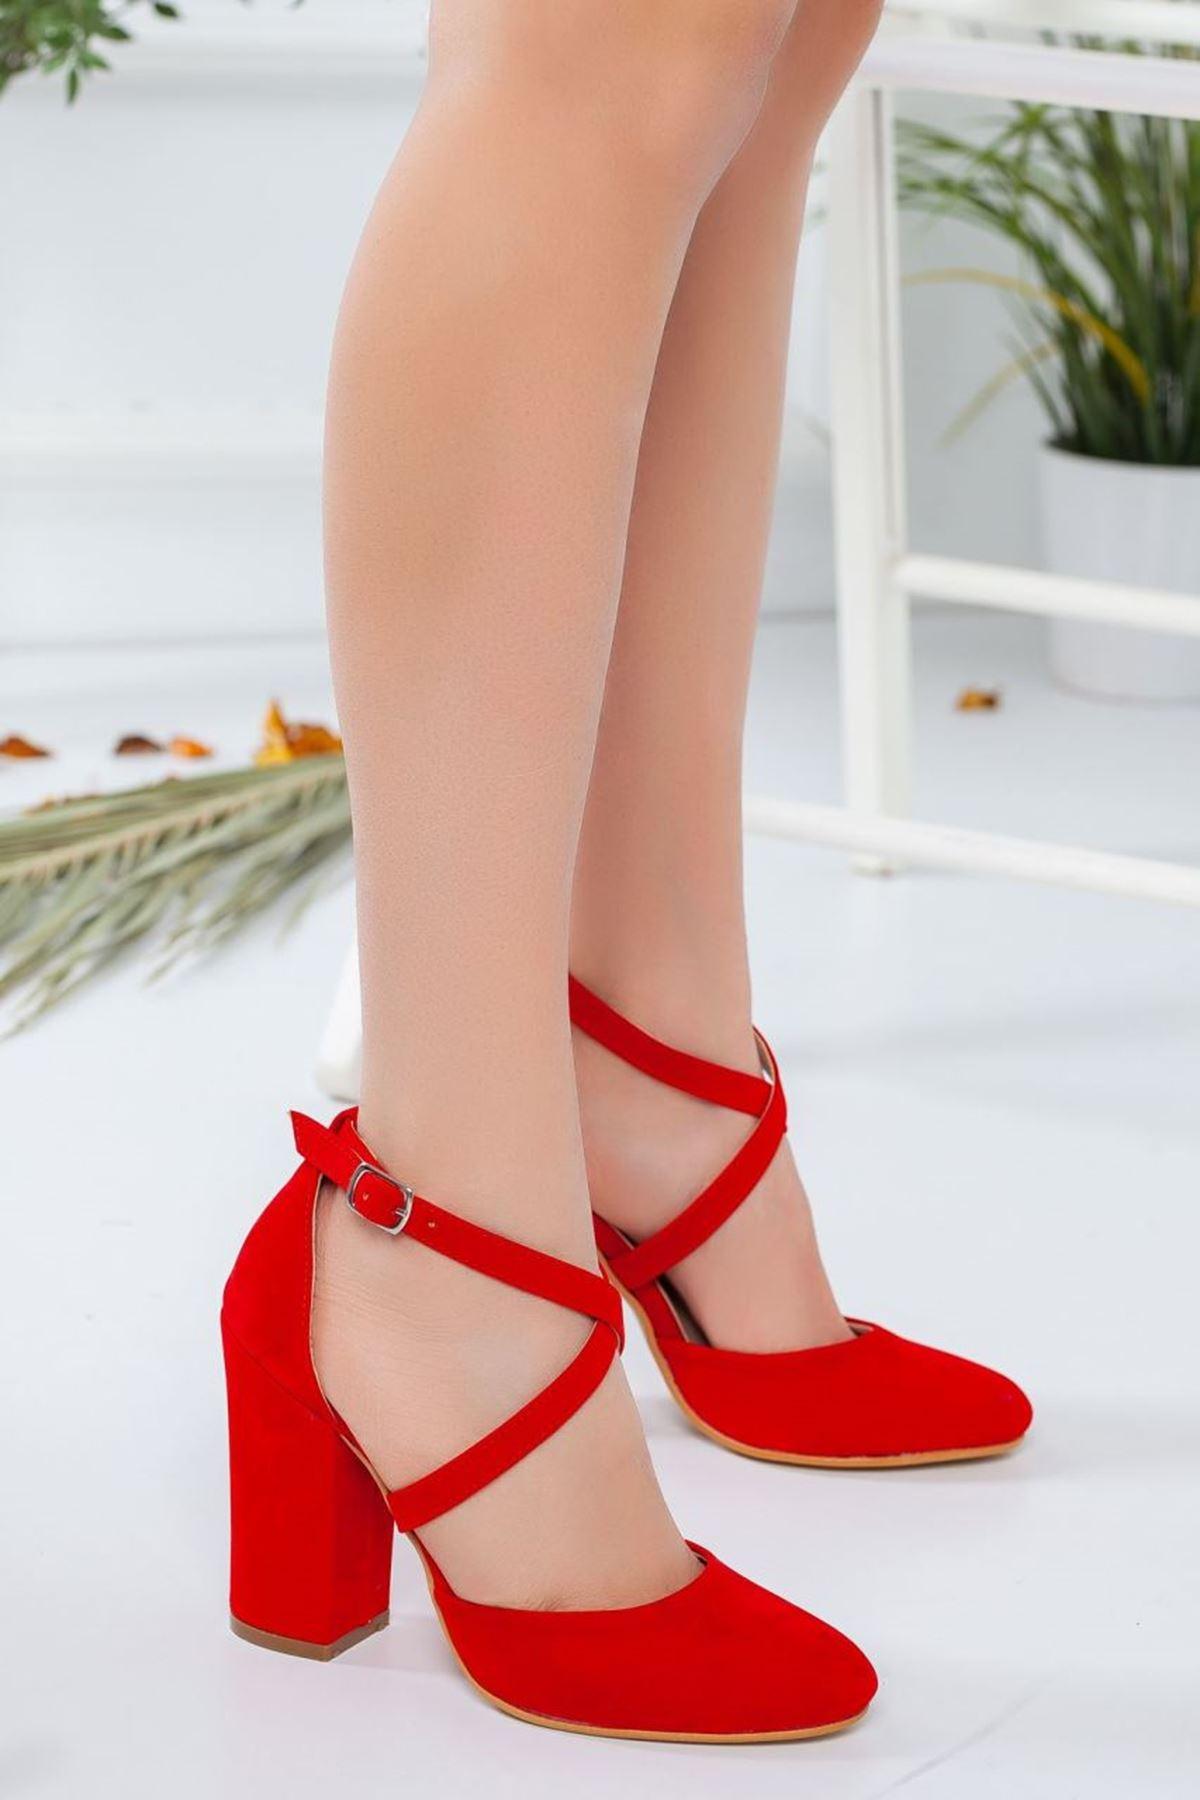 Kadın Zine Topuklu Ayakkabı Kırmızı